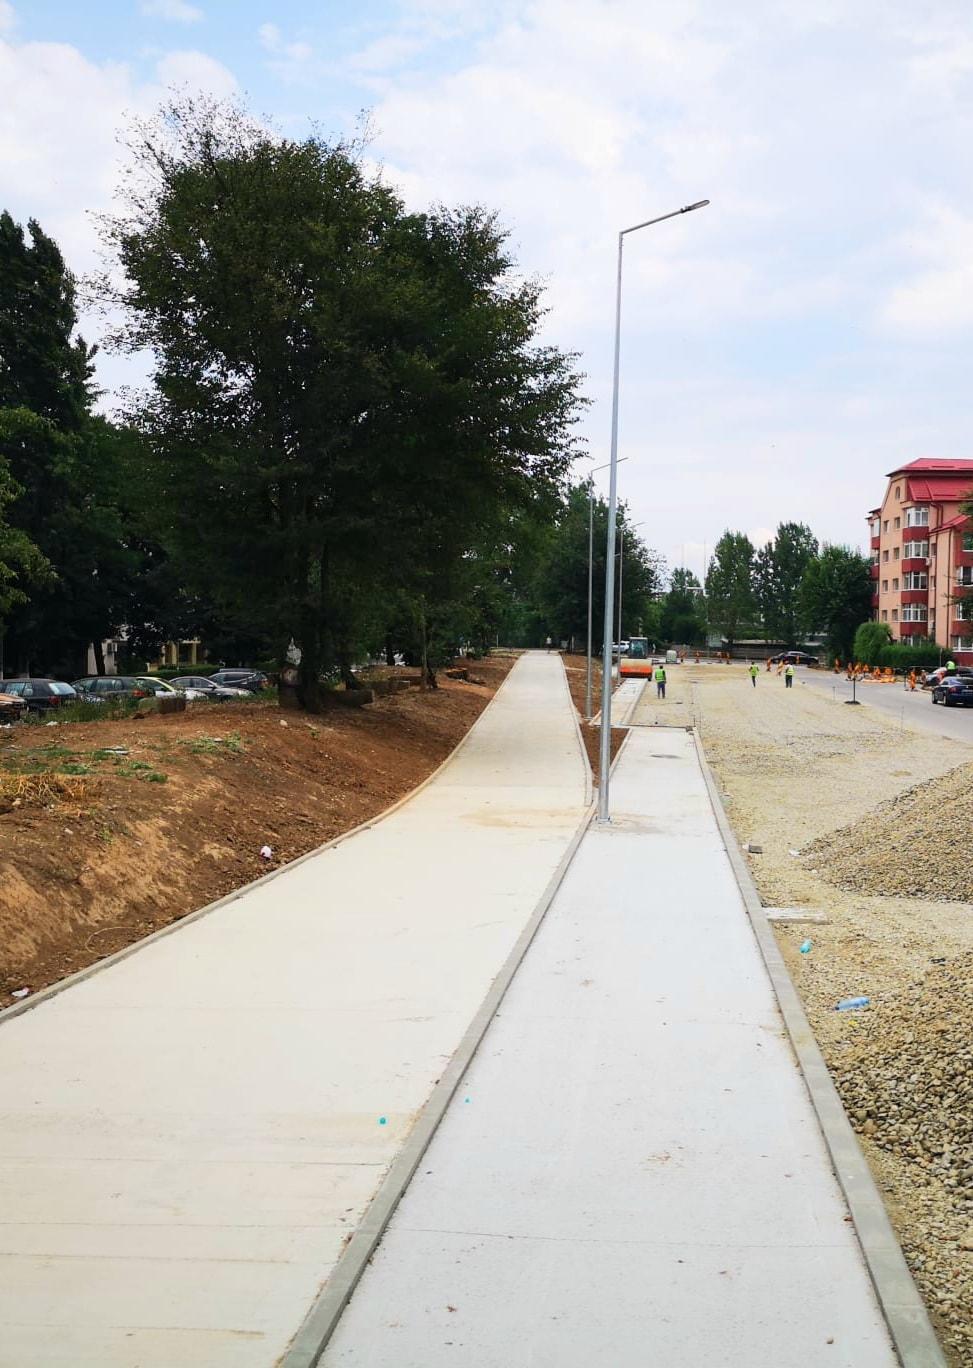 Târgoviște – Terasamentul fostei căi ferate uzinale a UPET, transformat în pistă de biciclete, cu iluminat public modern